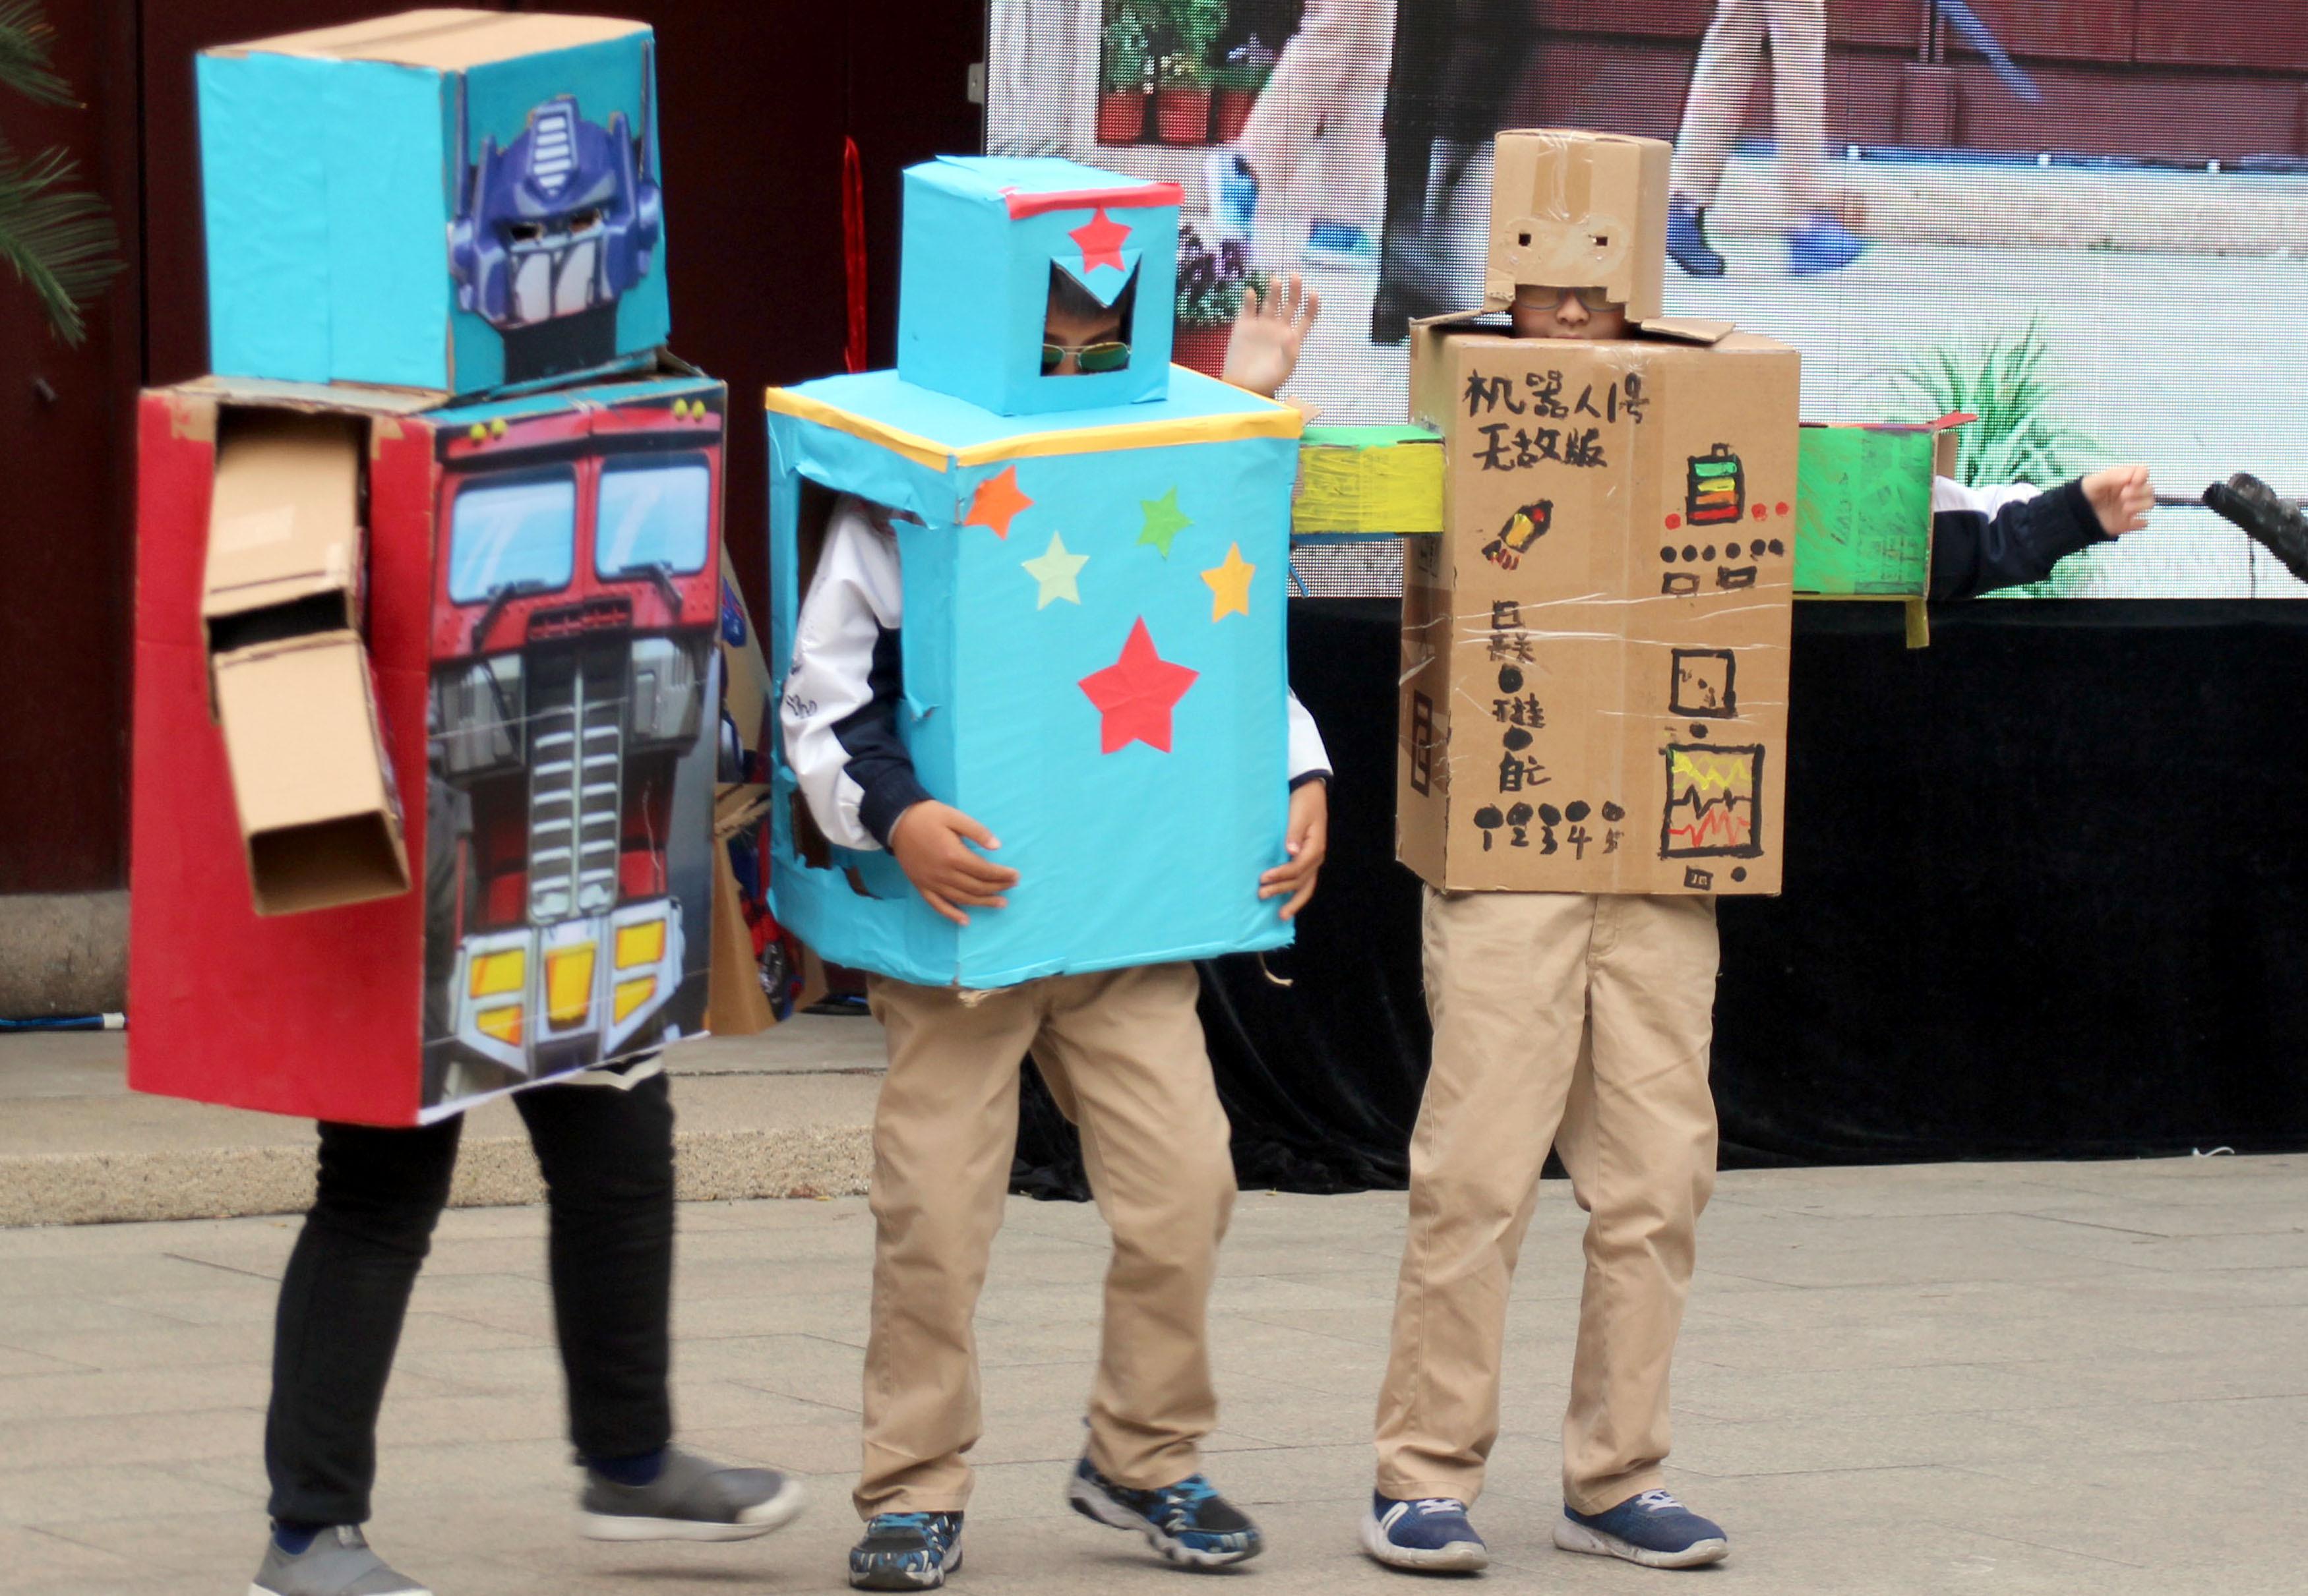 孩子們身著由廢紙,塑料,廢布料等廢舊材料制成的環保時裝走秀,倡導圖片